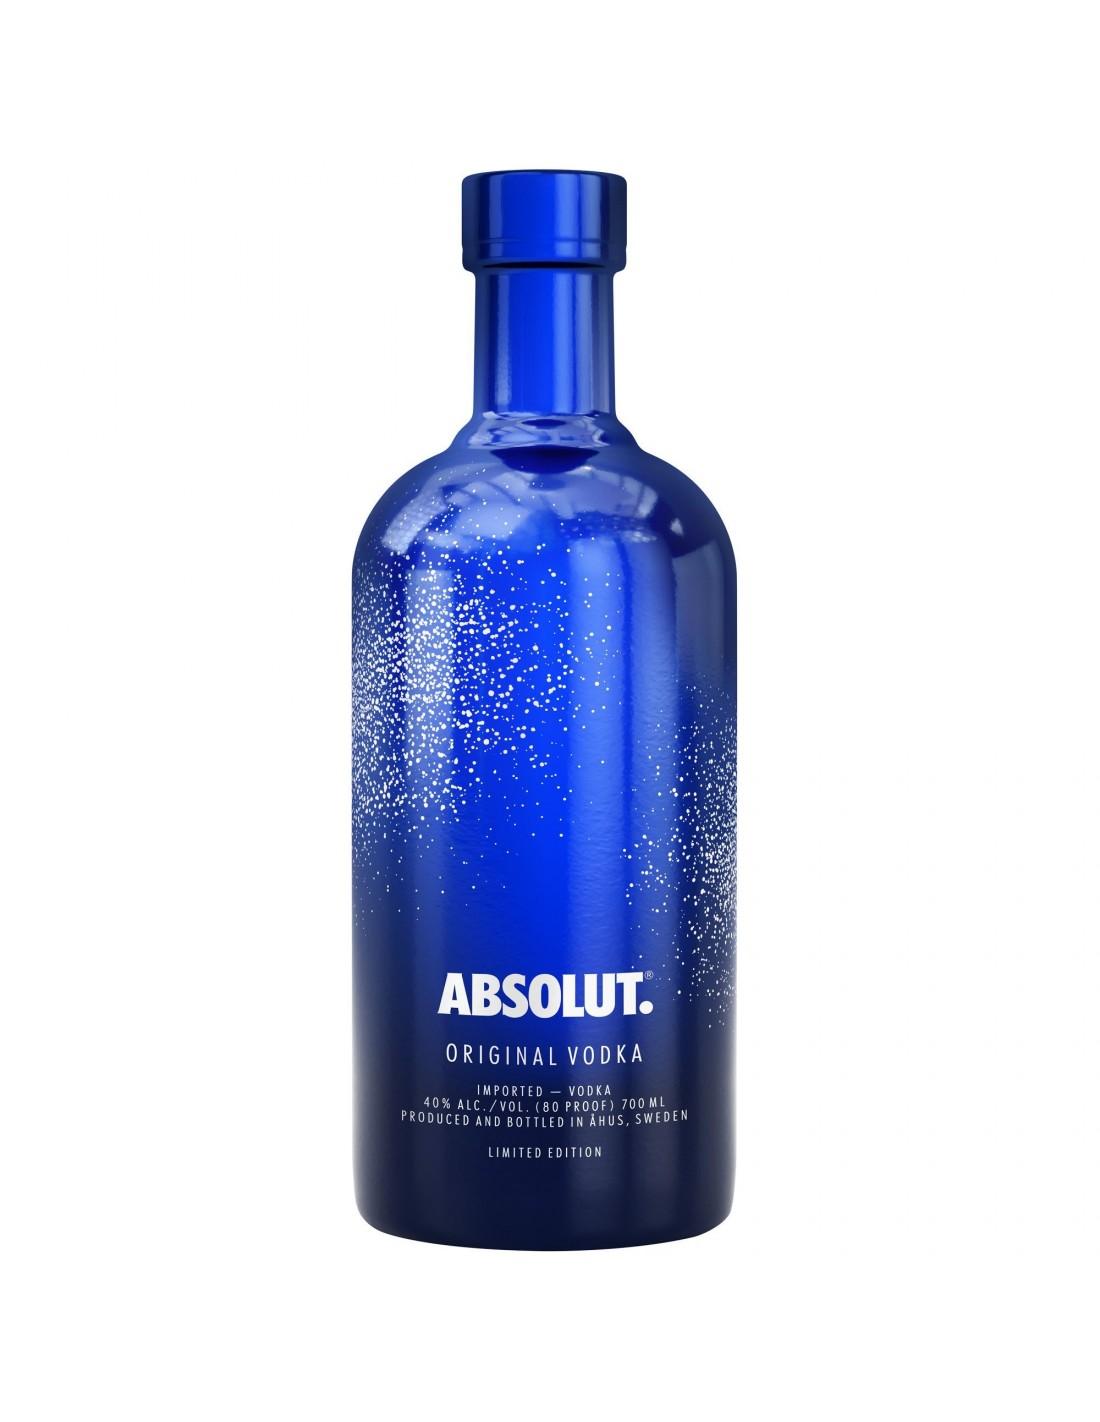 Vodca Absolut Uncover 40% alc., 0.7L, Suedia